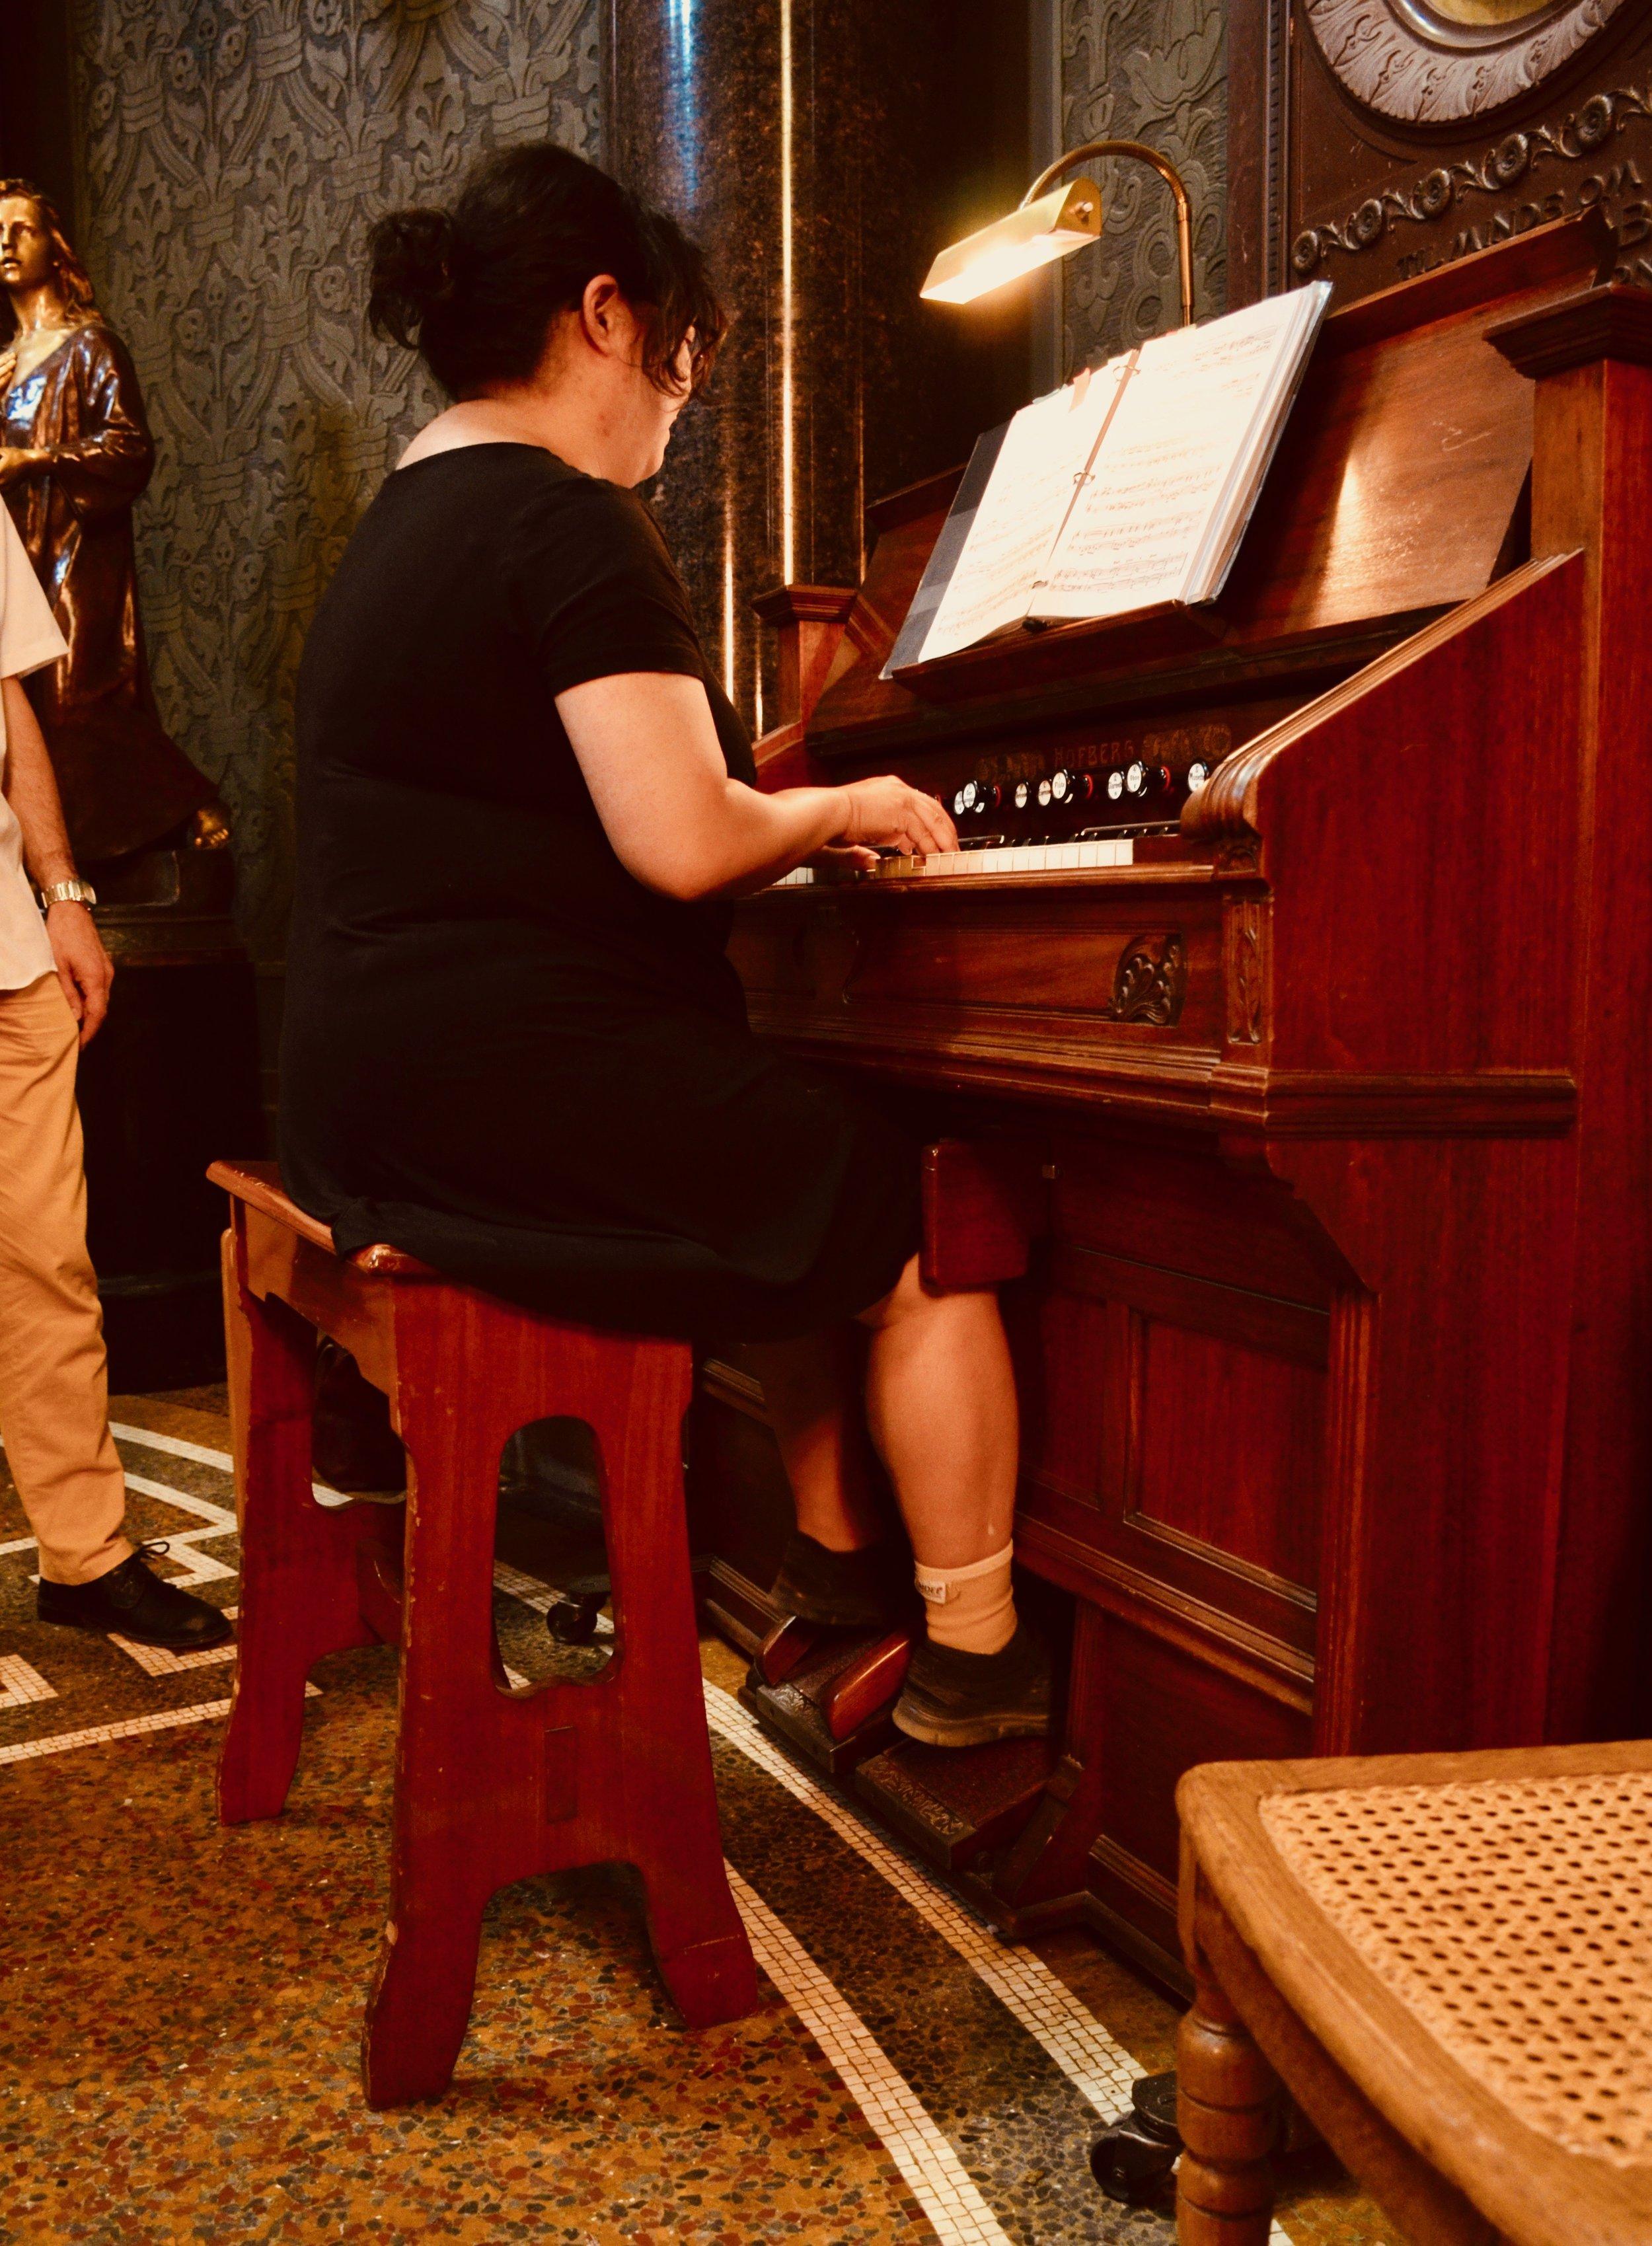 Jennifer Hsiao tries out one of the many harmoniums in Jesuskirke, Copenhagen.